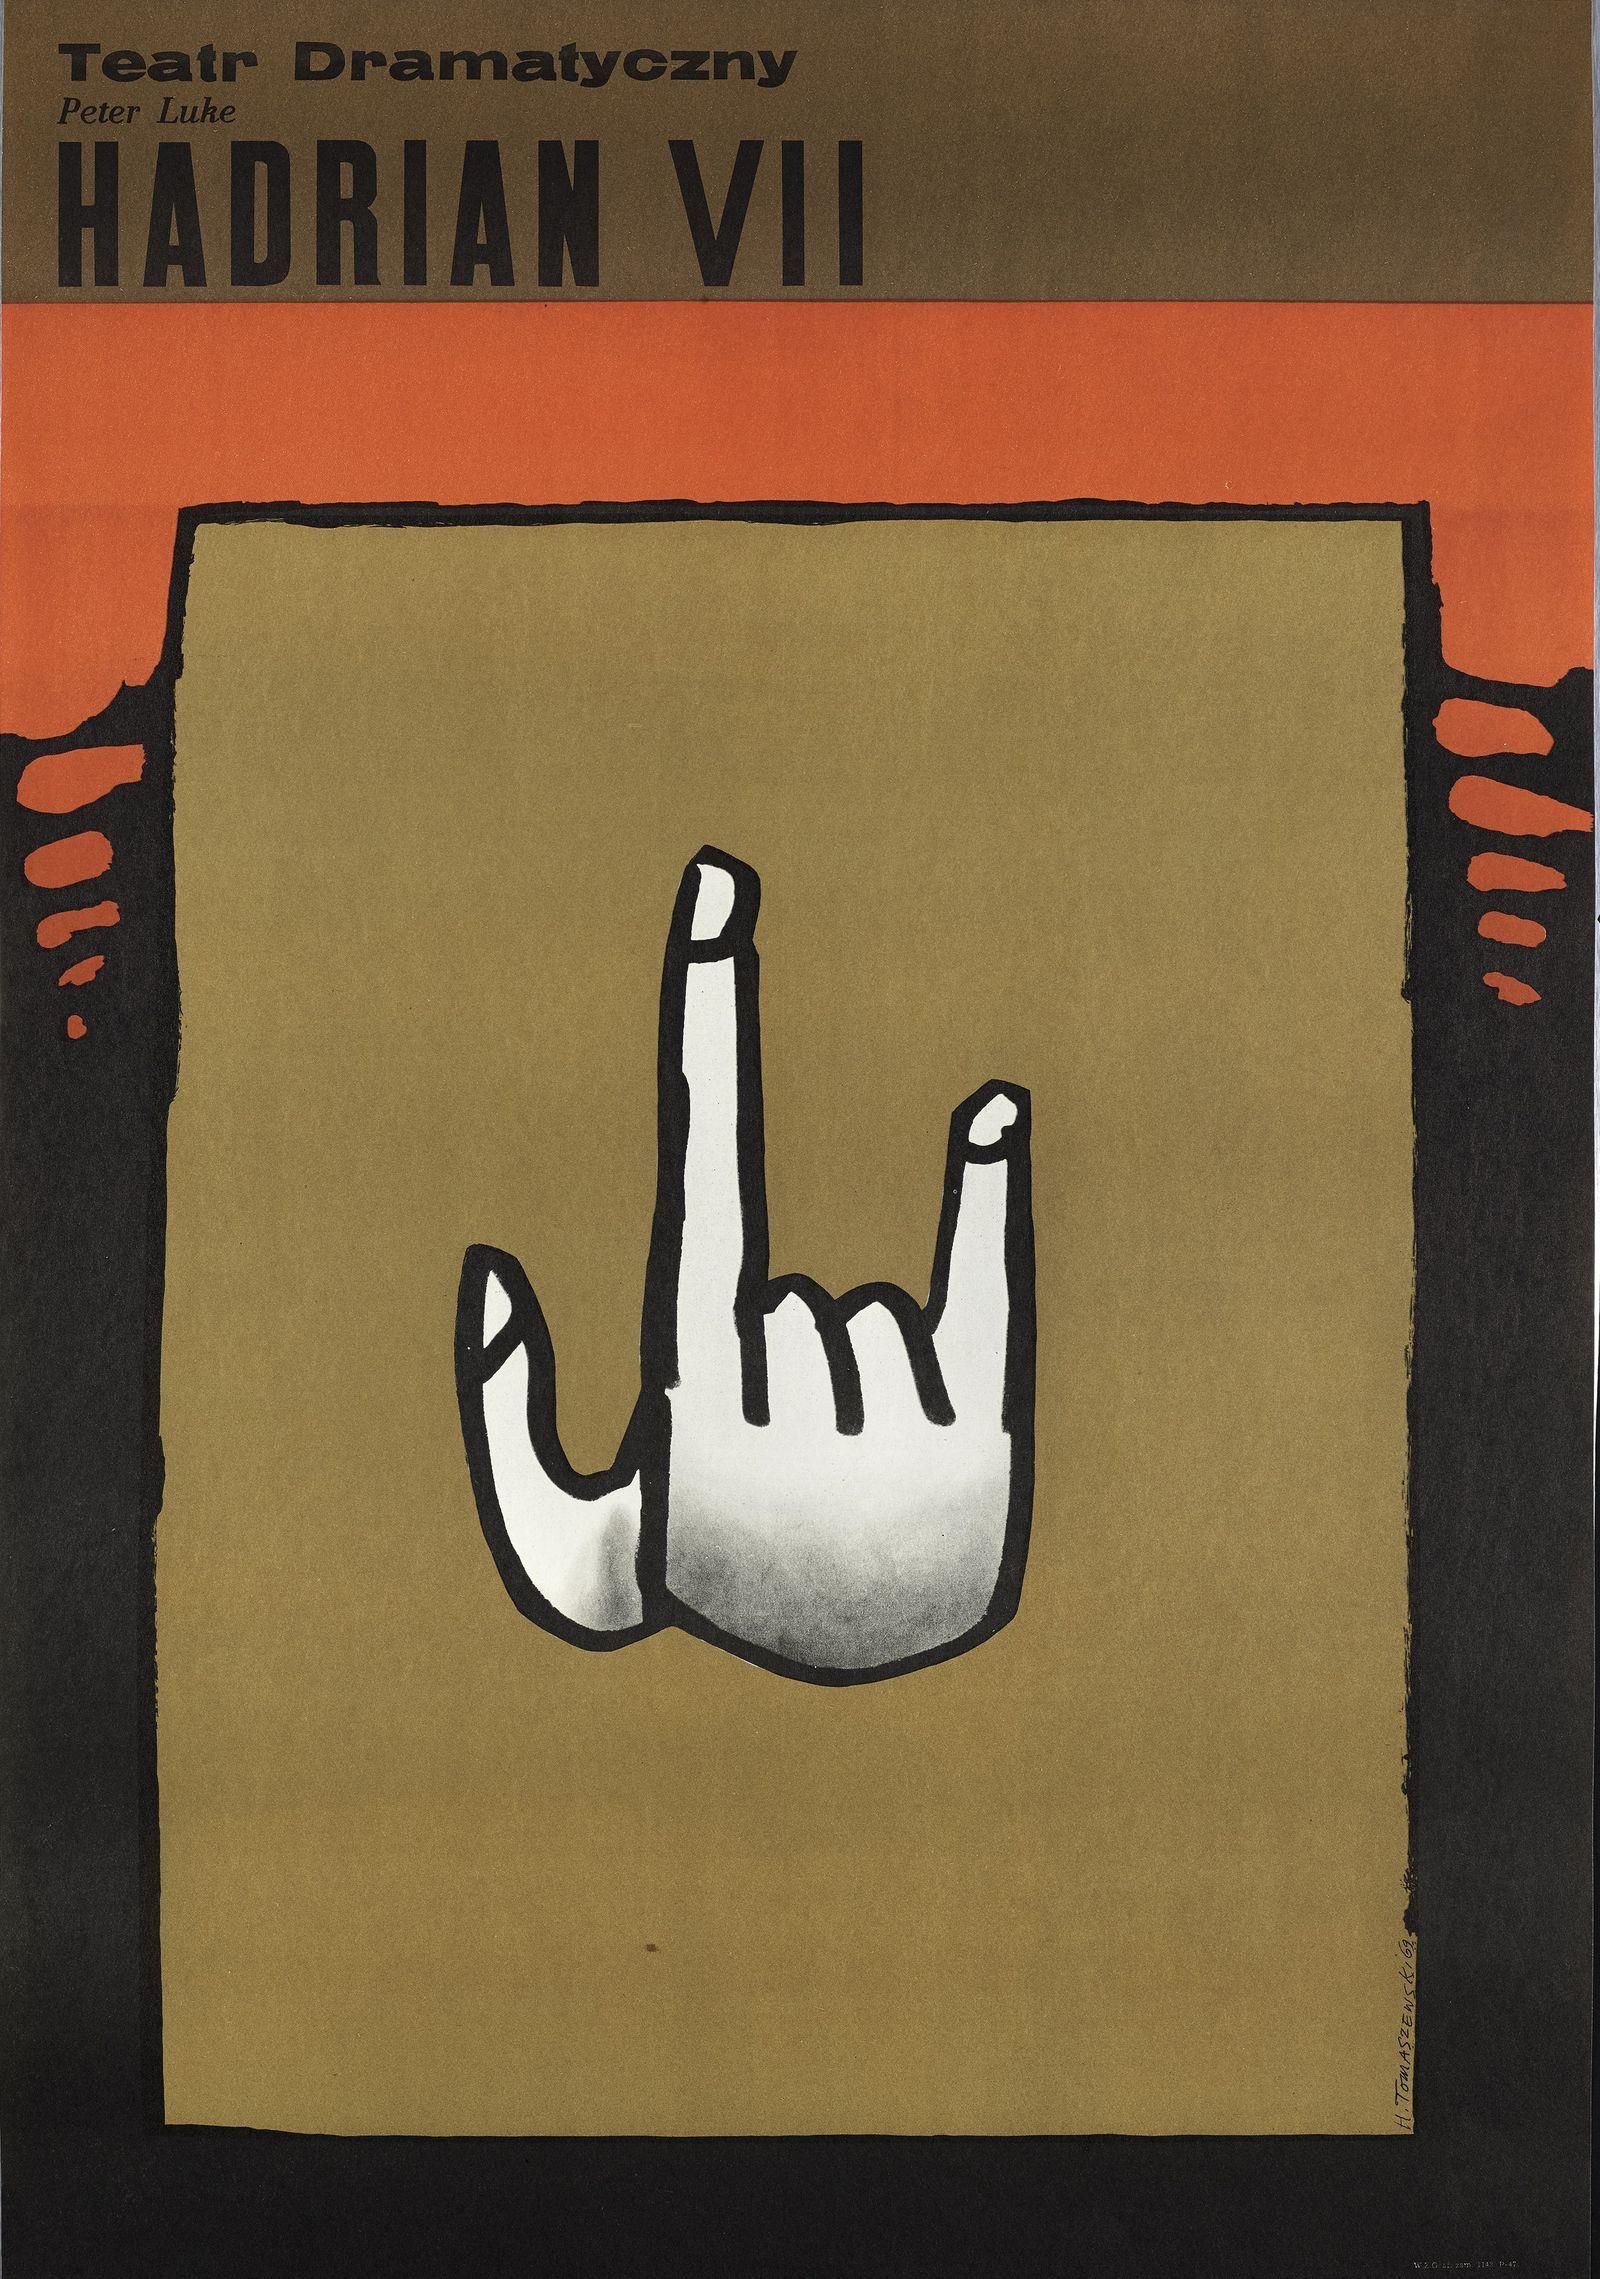 Henryk Tomaszewski, Hadrian VII, plakat teatralny, 1969, dzięki uprzejmości Filipa Pągowskiego